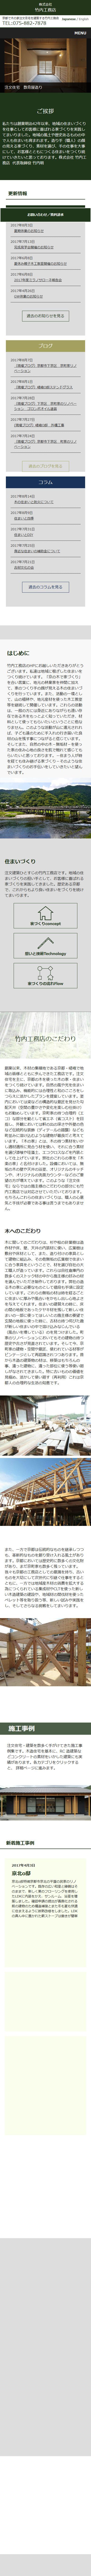 株式会社 竹内工務店 スマホ版